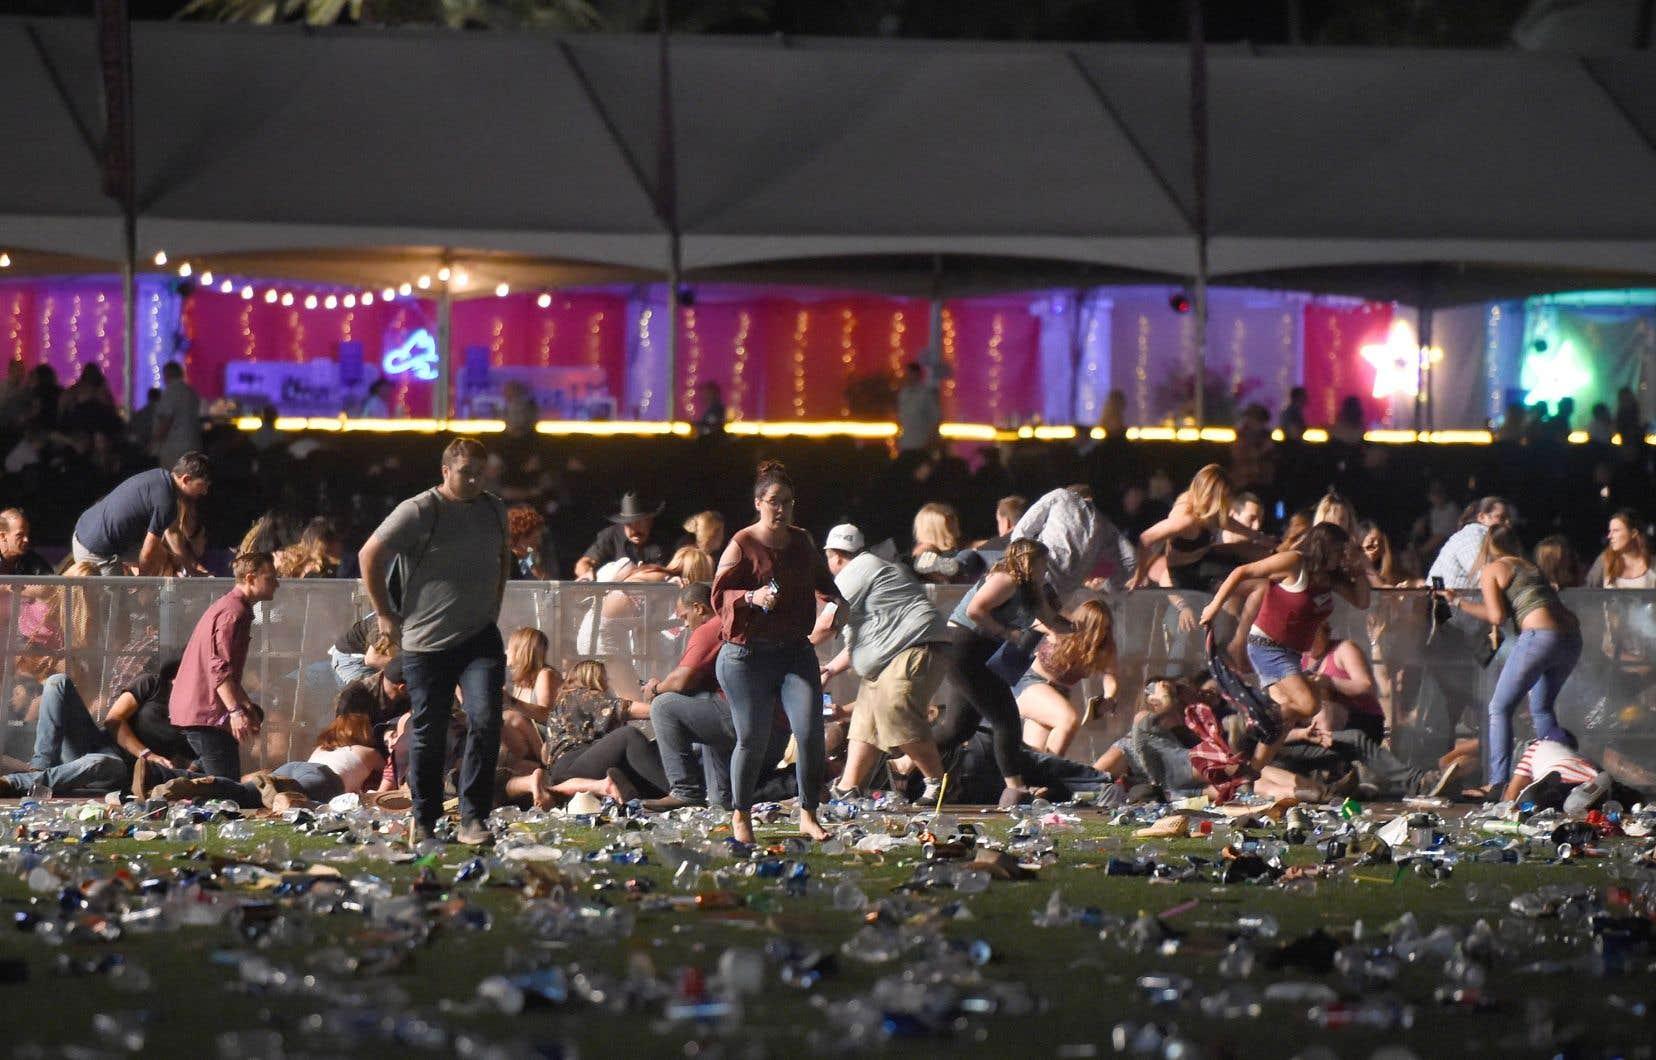 Dans la soirée du 1eroctobre, Stephen Paddock a ouvert le feu sur une foule rassemblée pour un concert de musique, à Las Vegas. Il s'agit de la fusillade la plus meurtrière de l'histoire moderne des États-Unis.